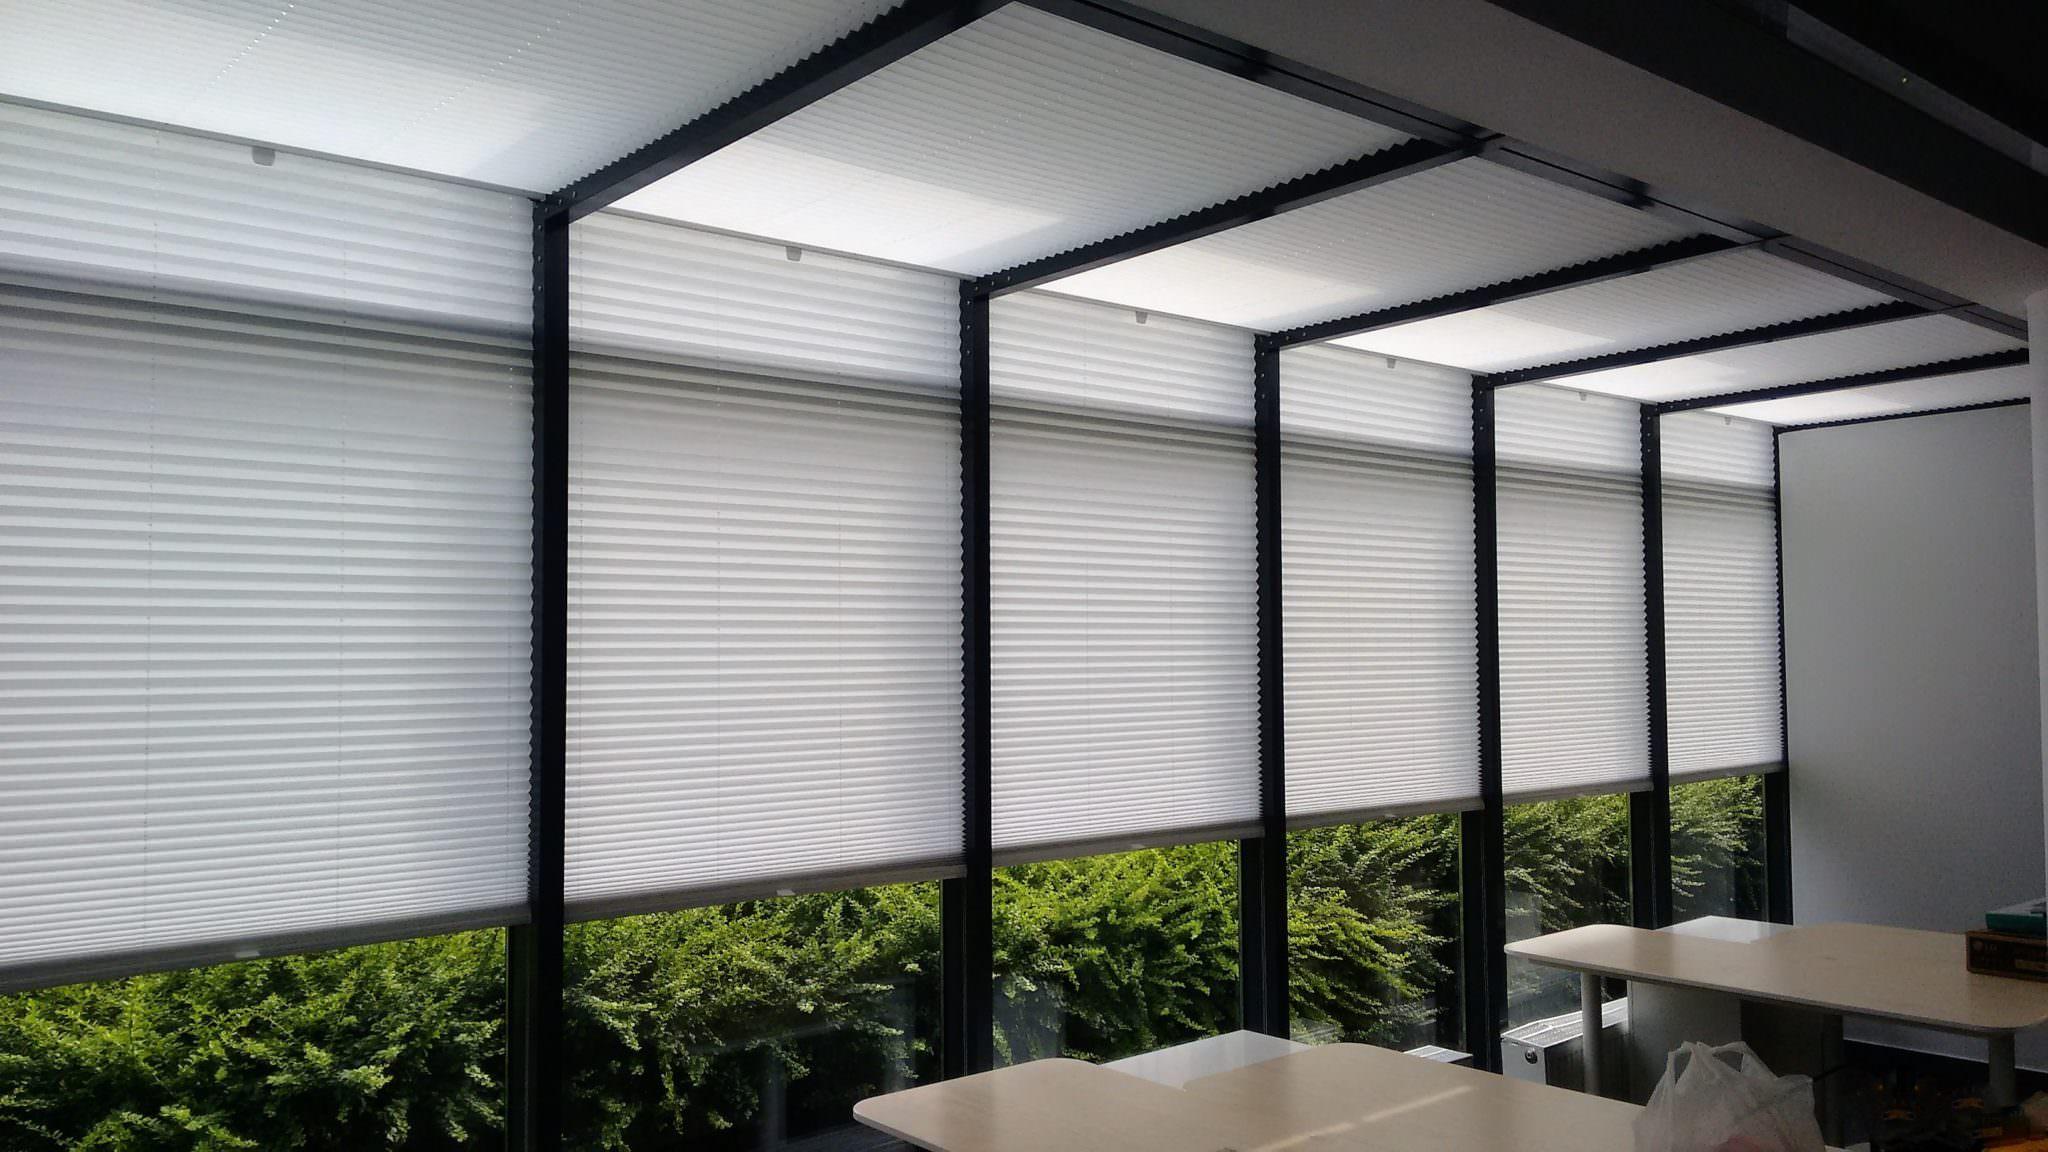 Plisy w witrynie - na okna pionowe i poziome